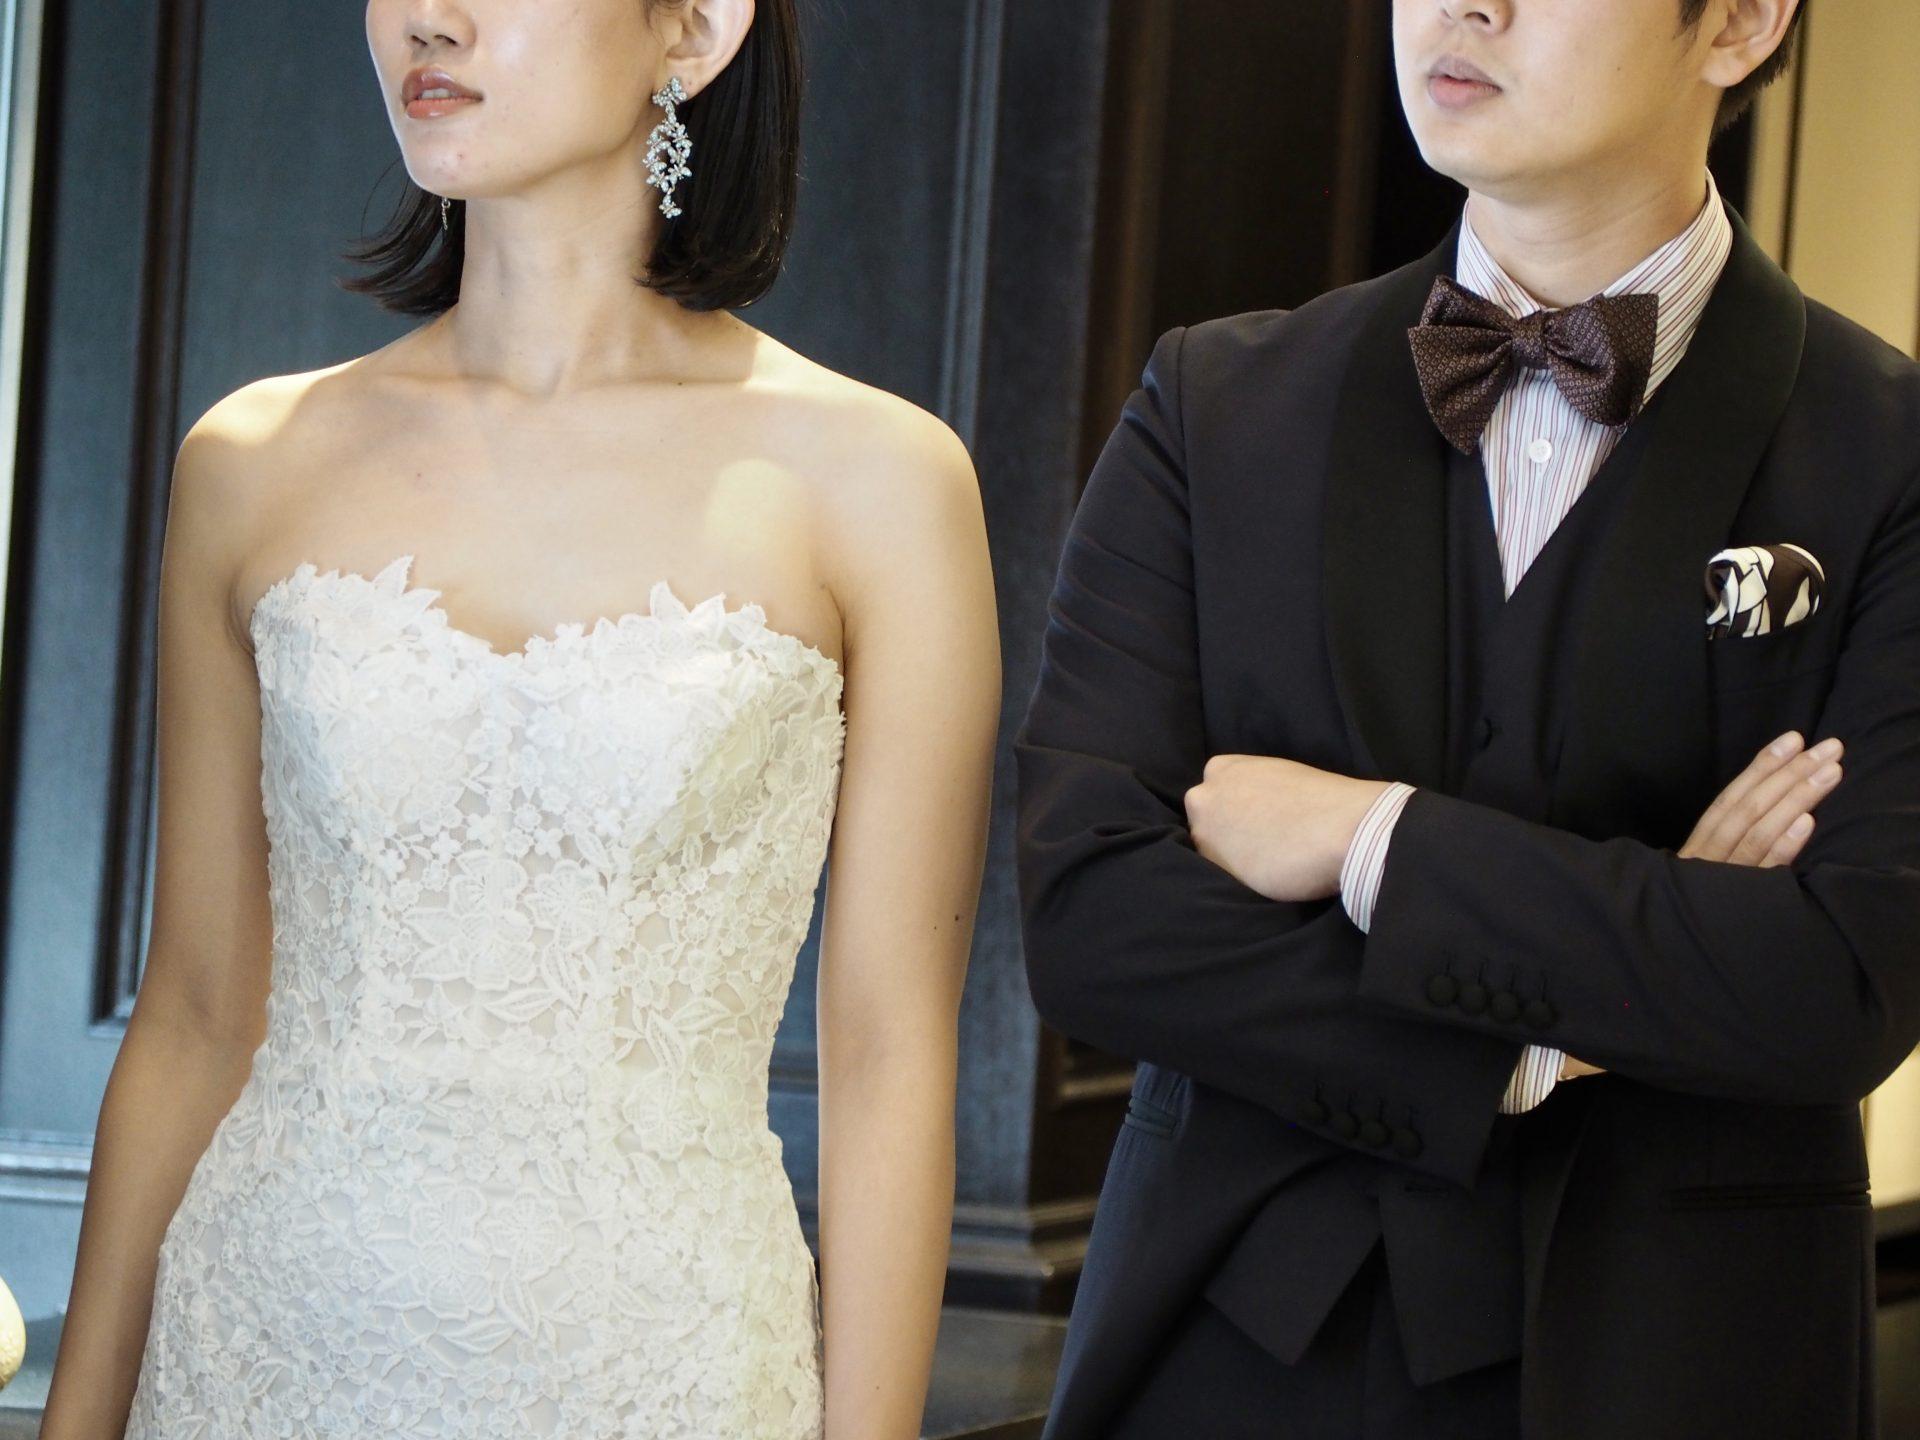 トリートドレッシング神戸店にてお取り扱いのあるギュピールレースが華やかなドレスのご紹介